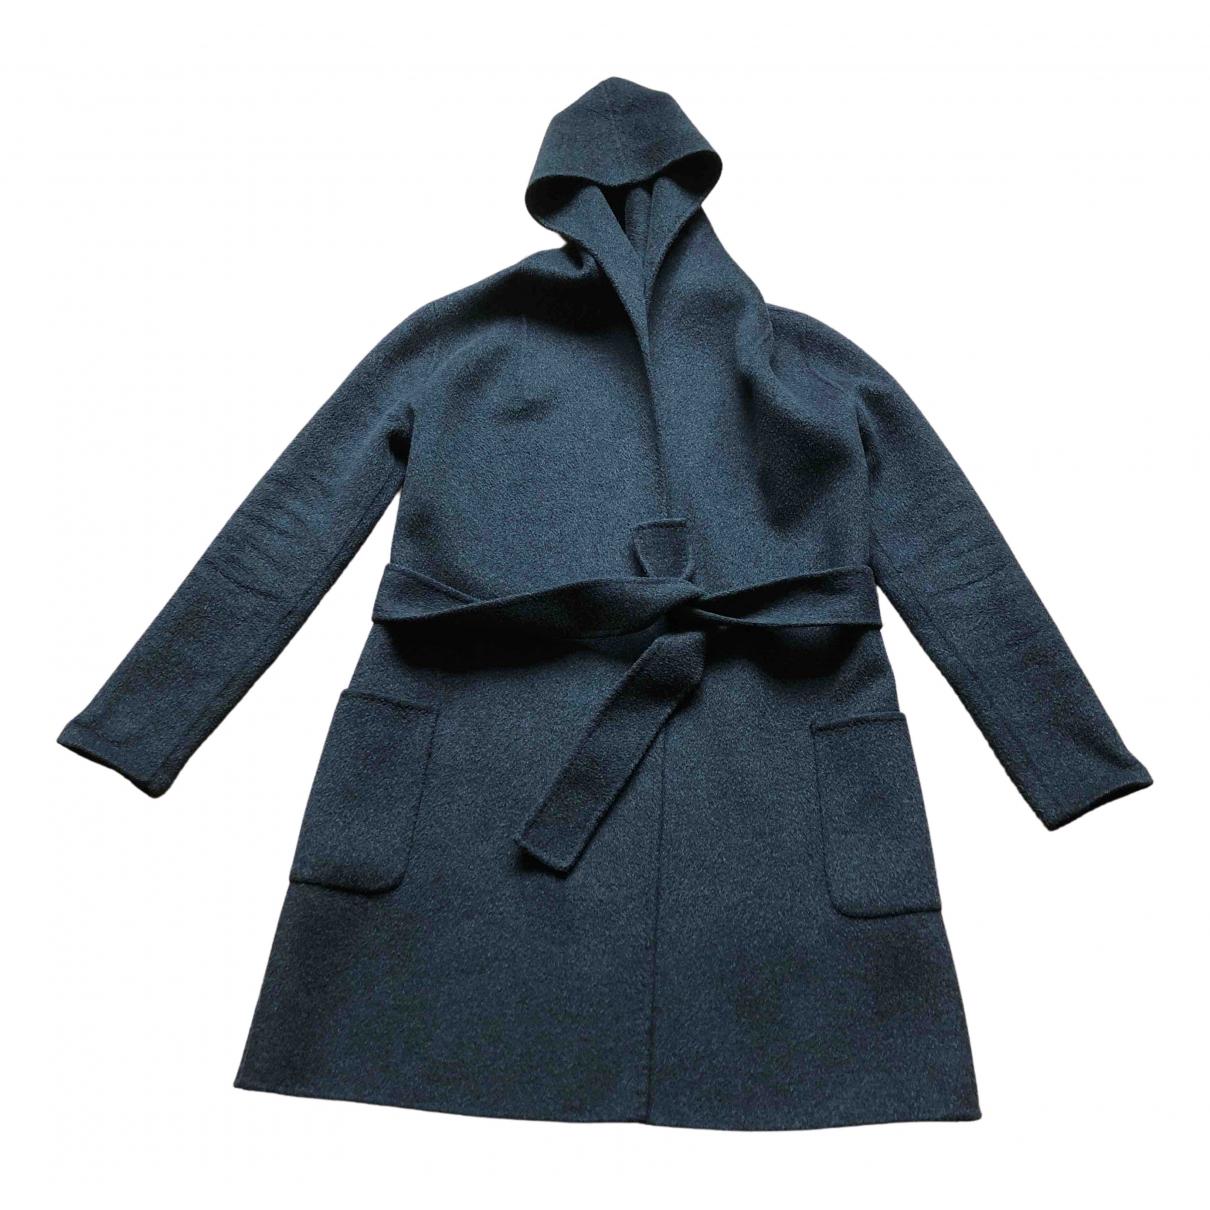 Parosh - Manteau   pour femme en laine - anthracite